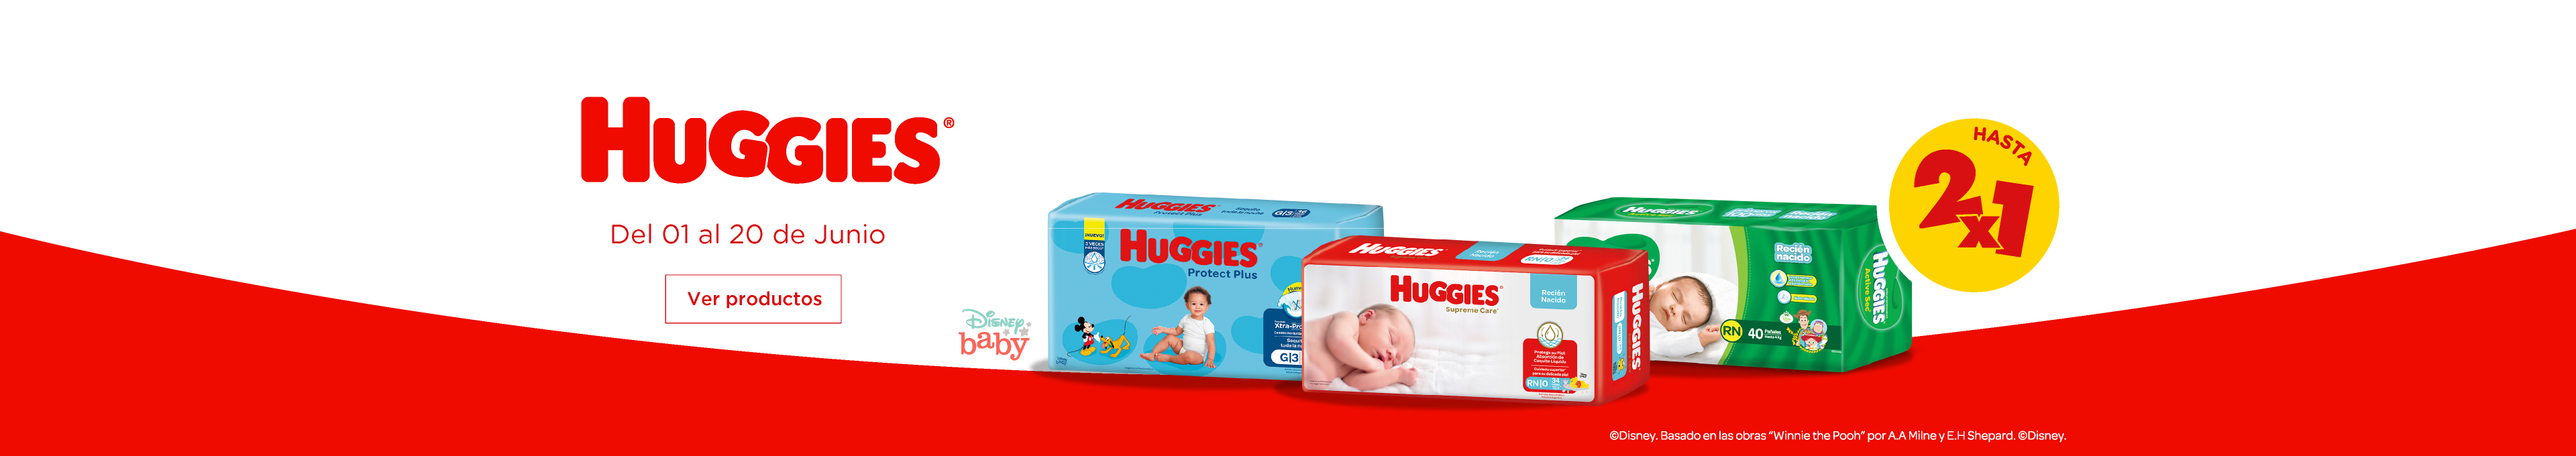 Kimberly huggies hasta 2x1 NewHome